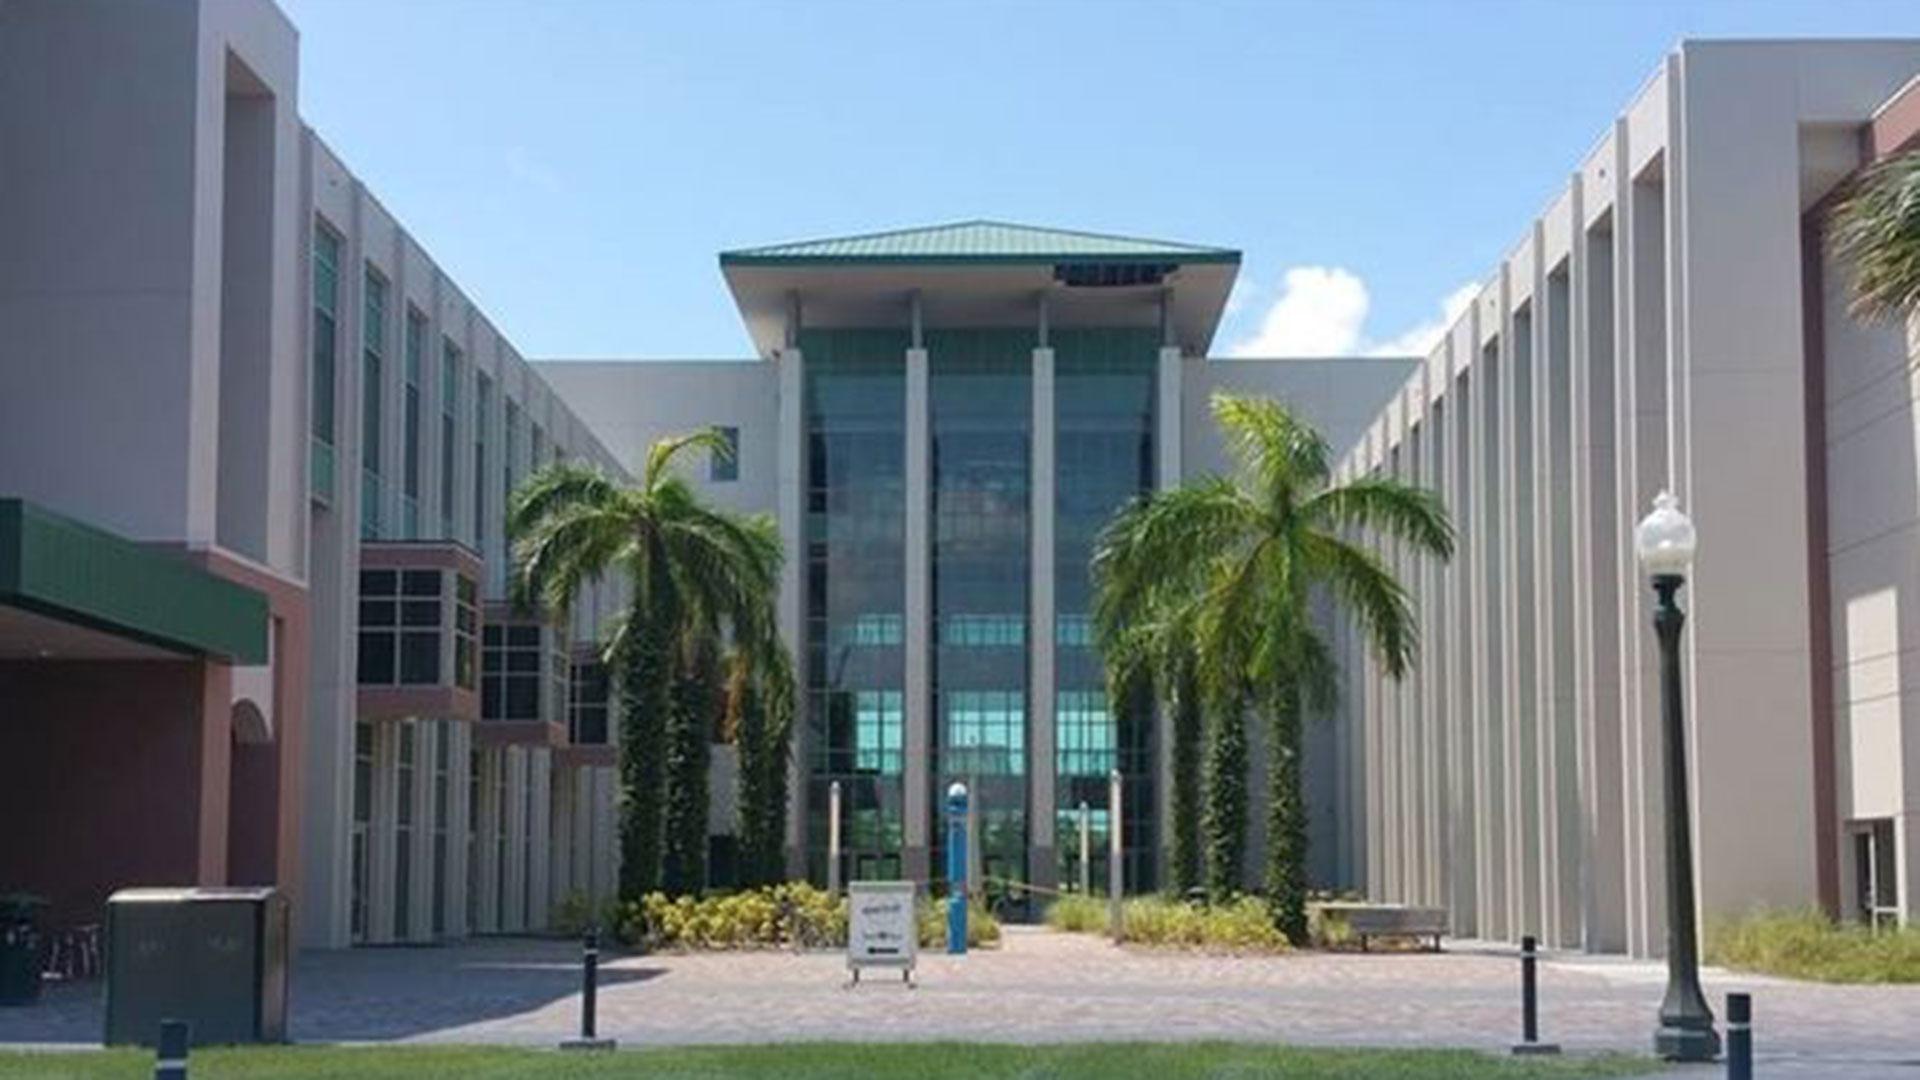 El curso se desarrollará hasta el 26 de abril en la sede de la universidad pública de Fort Myers (suroeste de Florida)